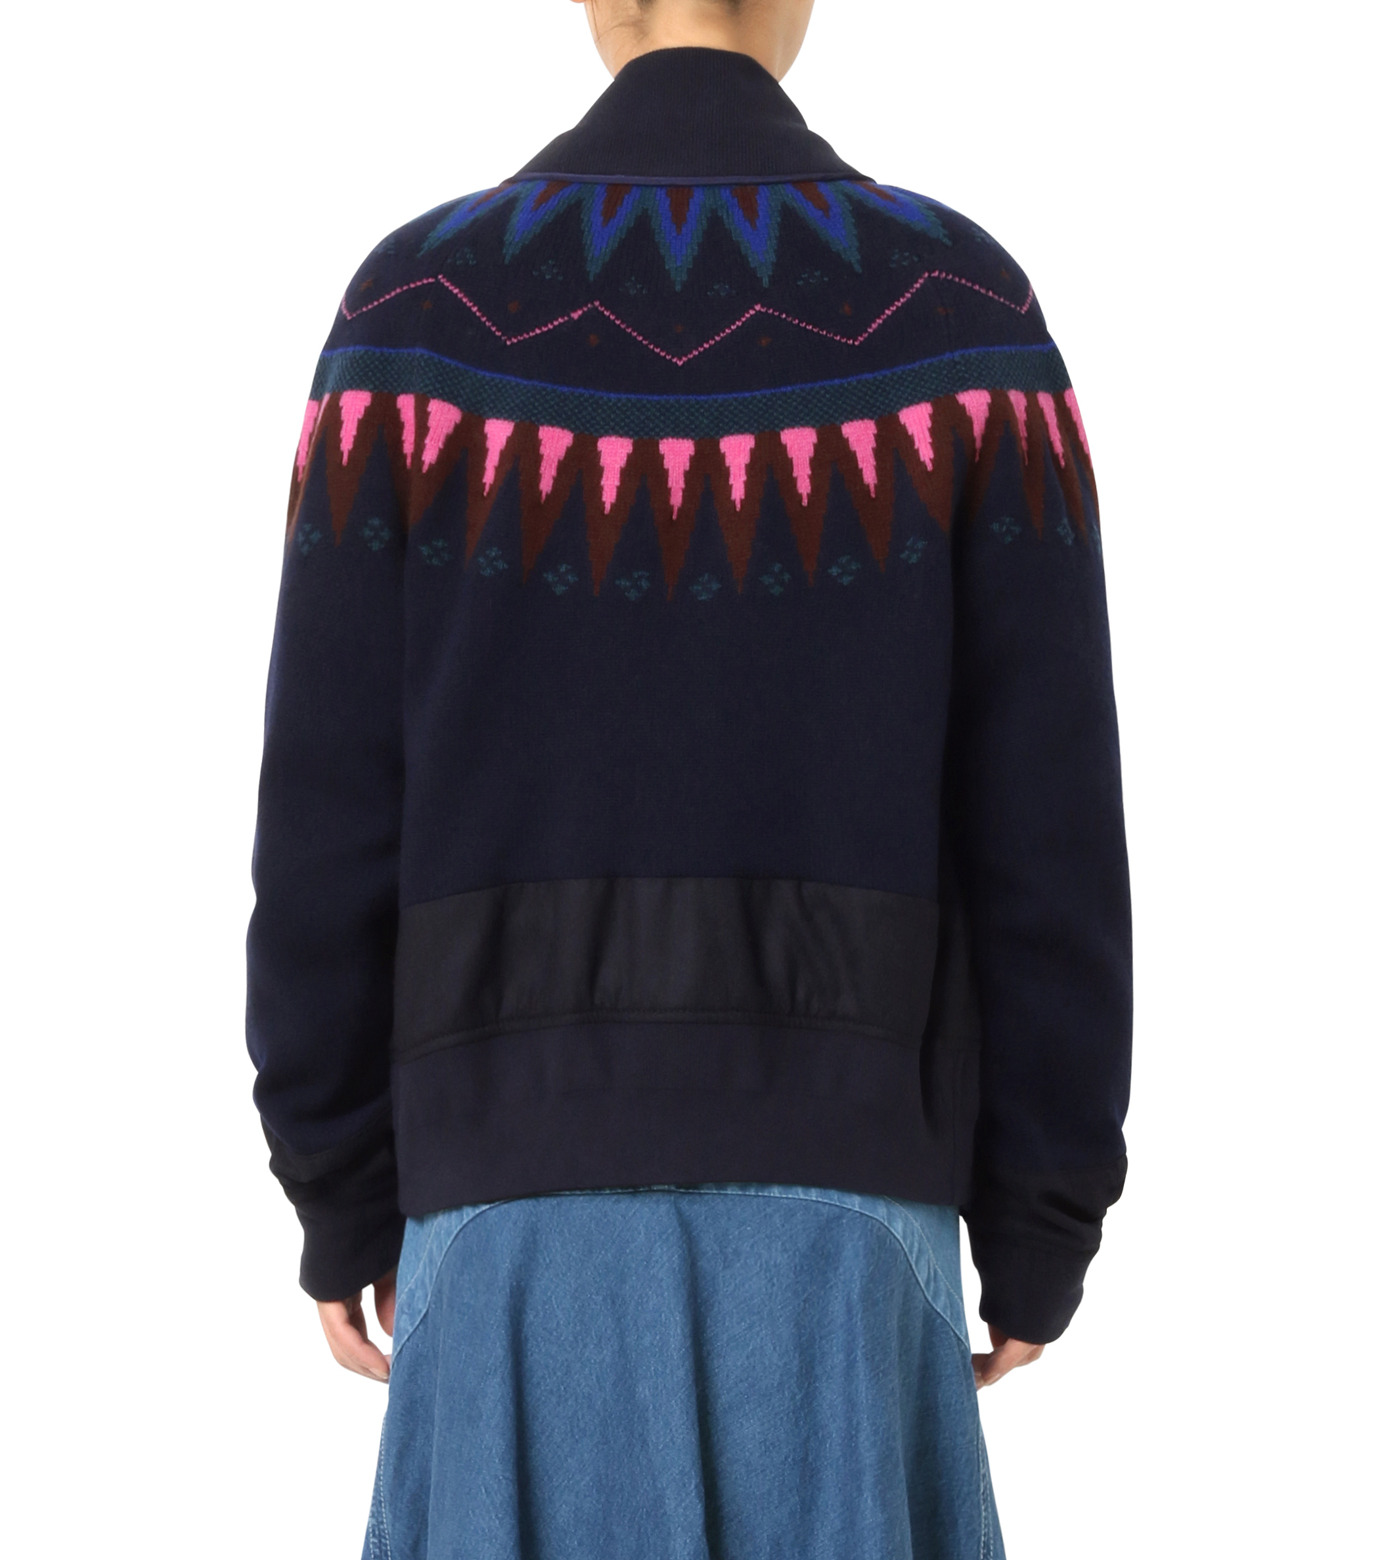 Sacai(サカイ)のFairisle Knit Blouson-NAVY(ニット/knit)-16-02726-93 拡大詳細画像2